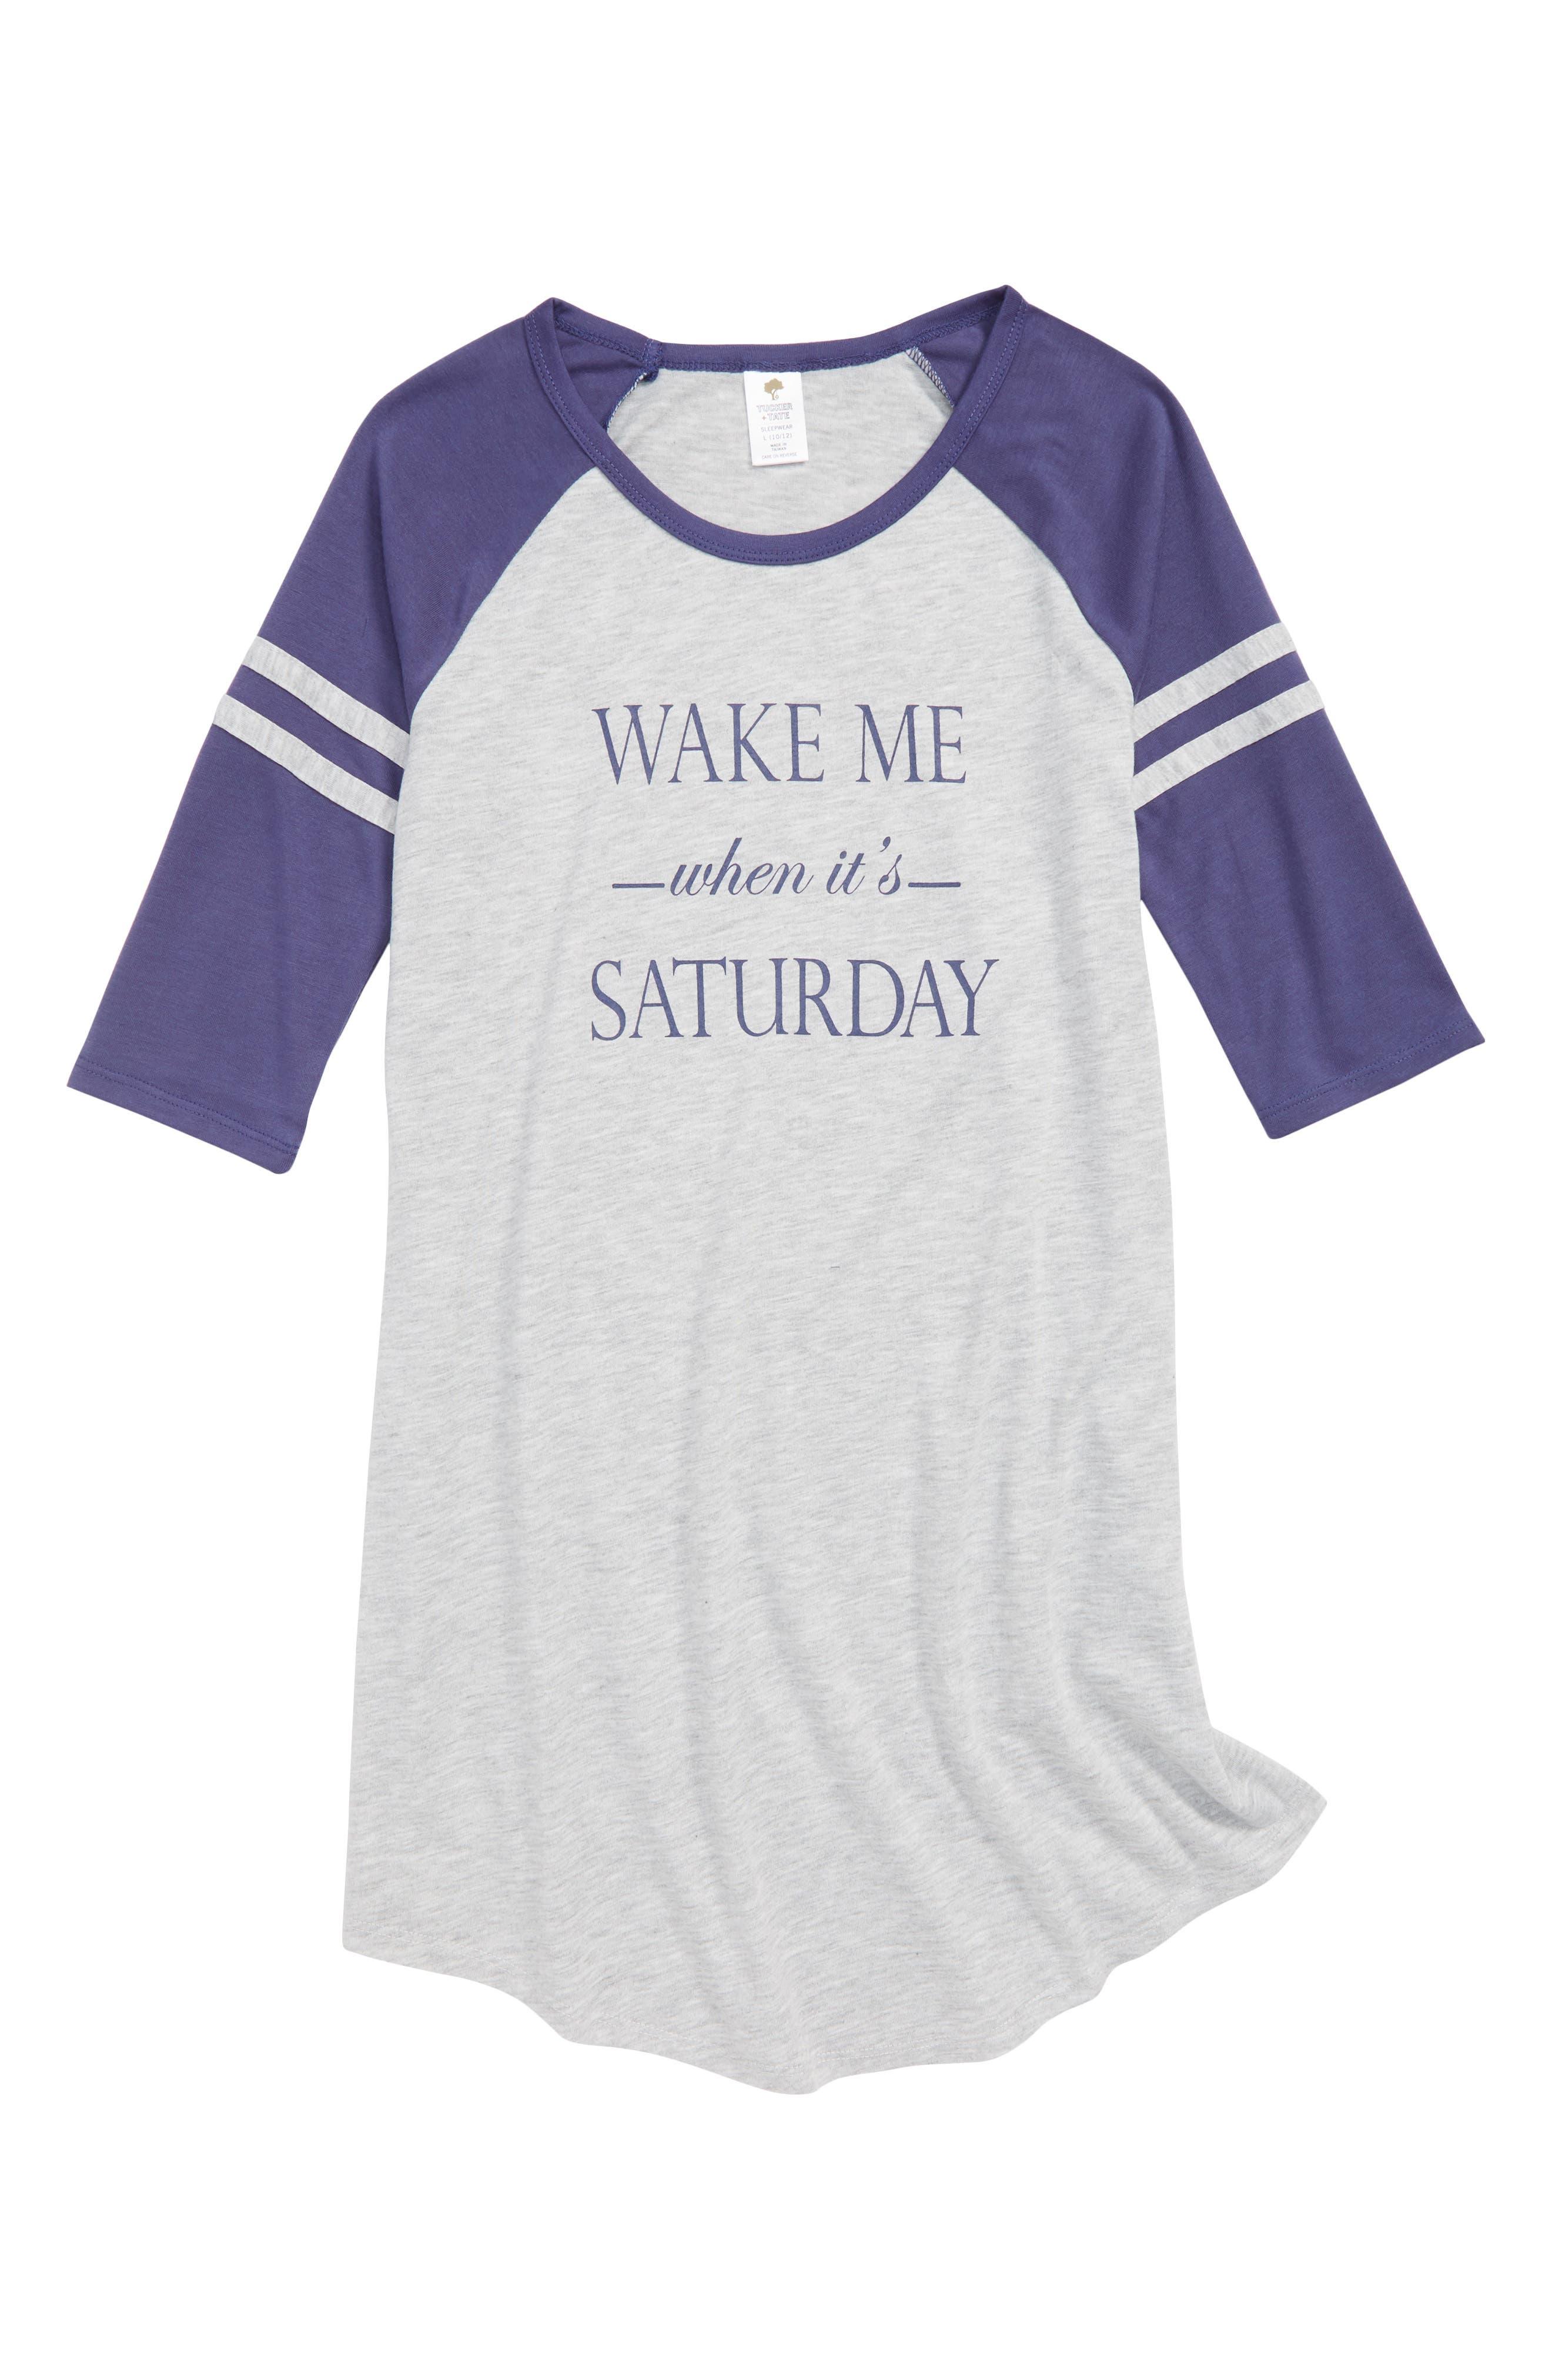 Girls Tucker  Tate Graphic Sleep Shirt Size S (78)  Grey